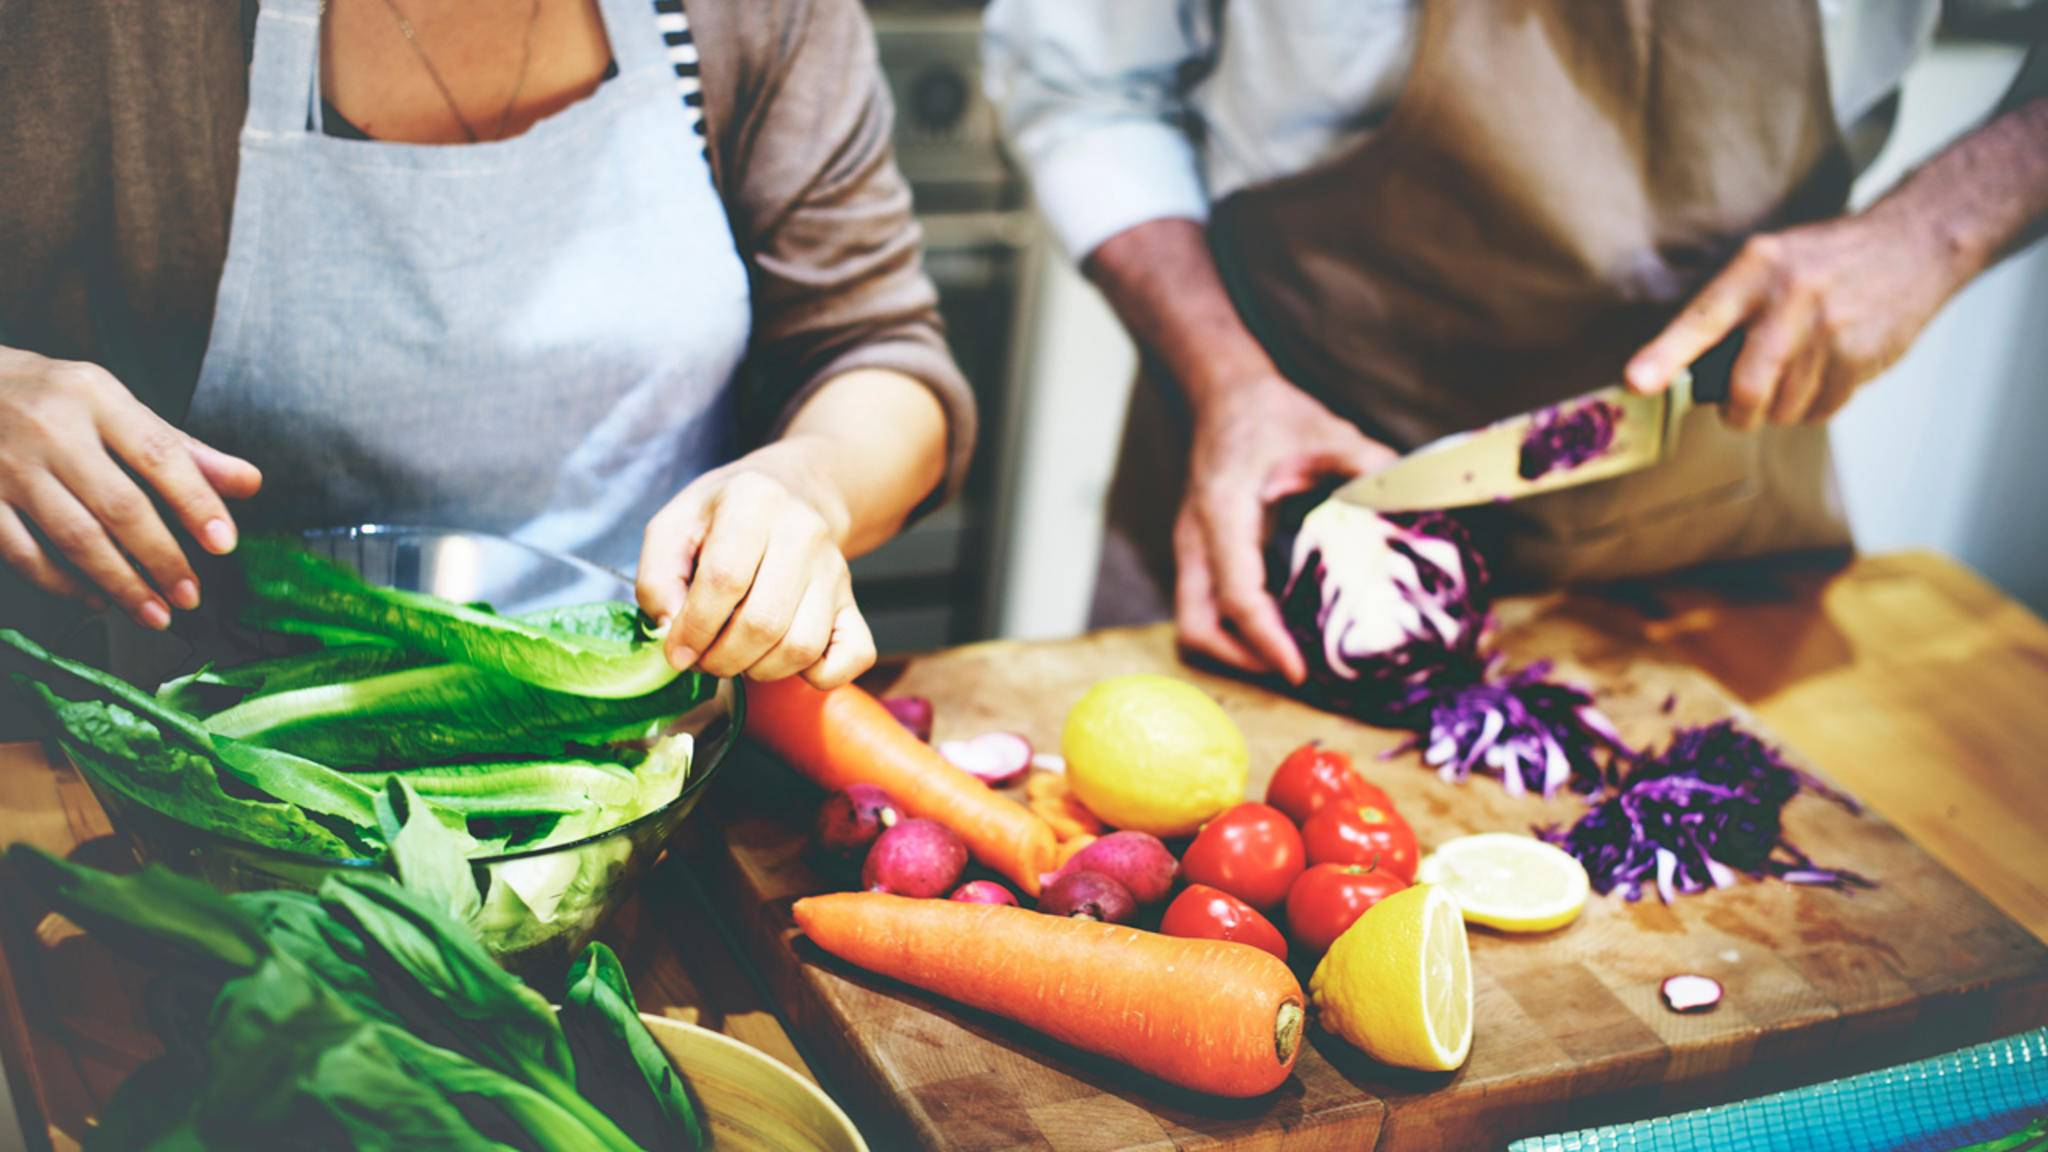 Frische Zutaten, selbst zubereitet – ein guter Startpunkt für eine gesunde und günstige Ernährung!